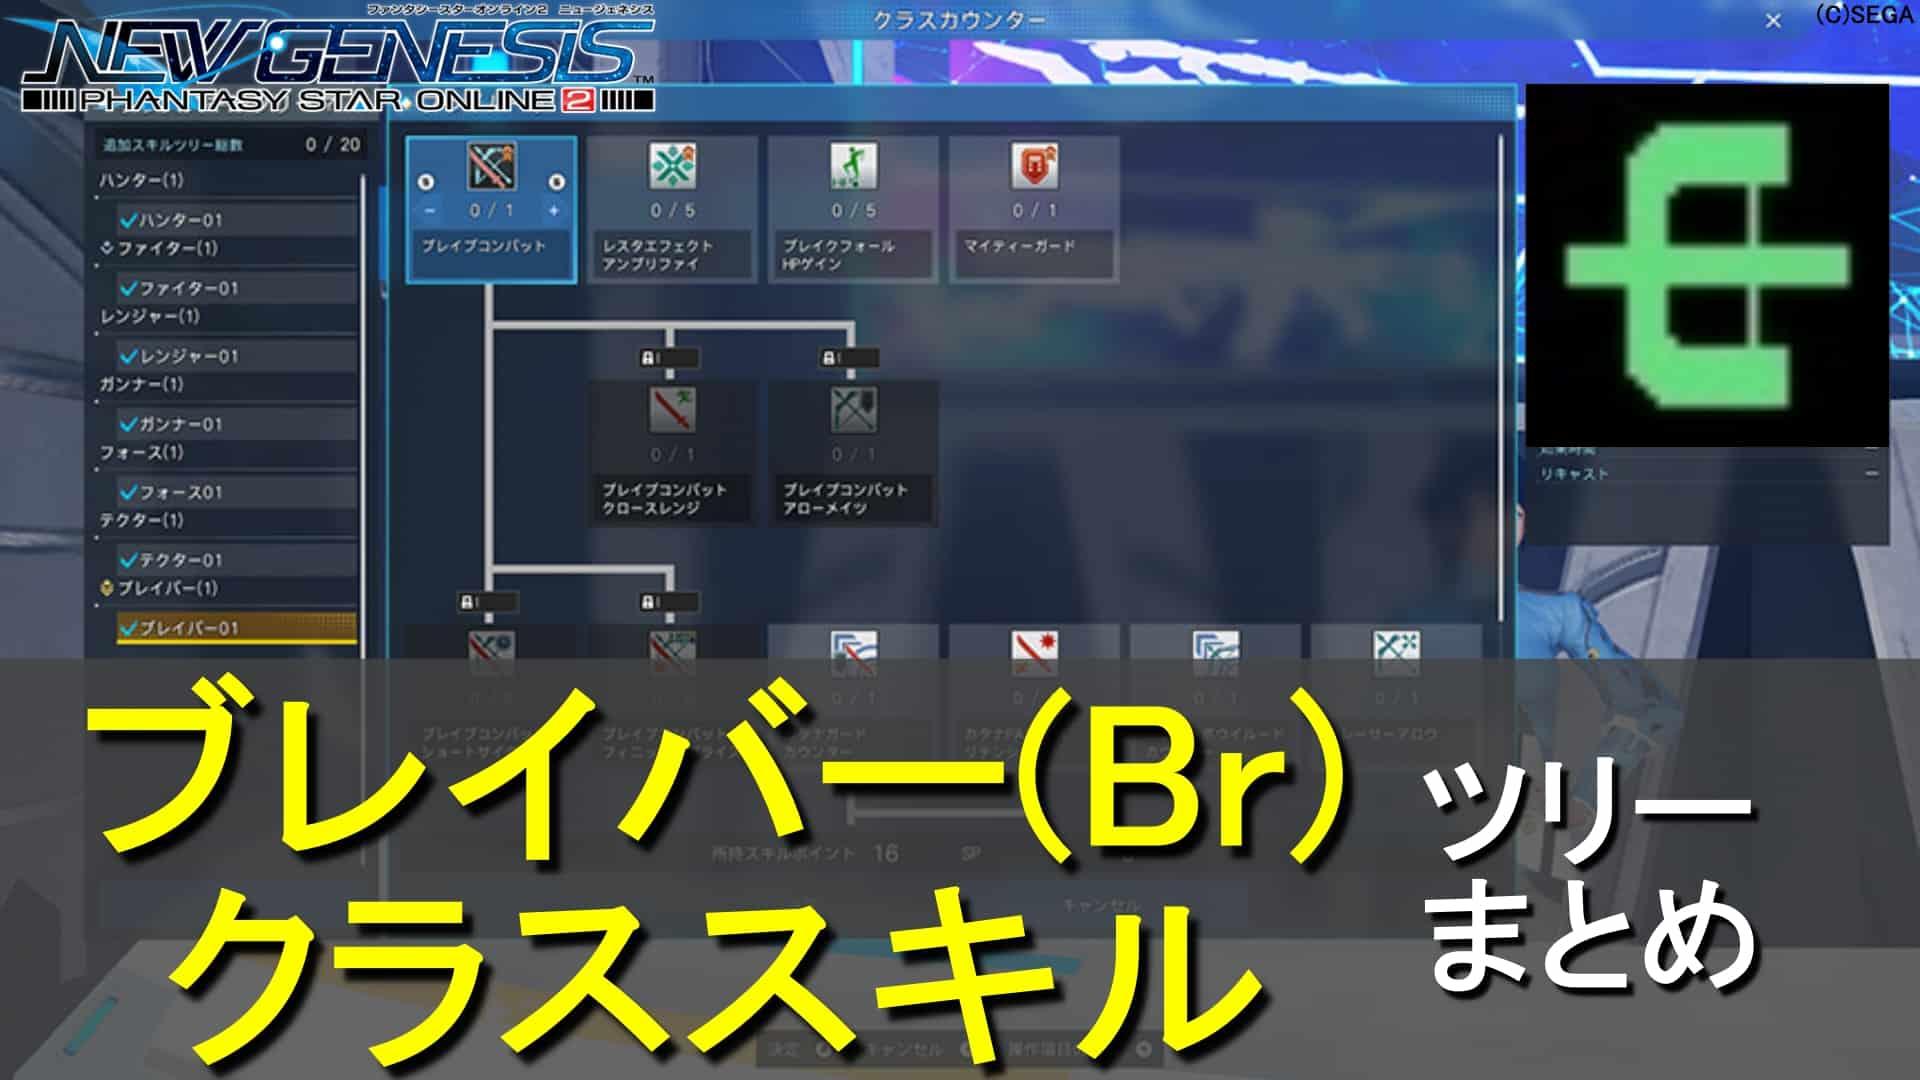 【PSO2NGS】ブレイバーのクラススキルツリー効果一覧